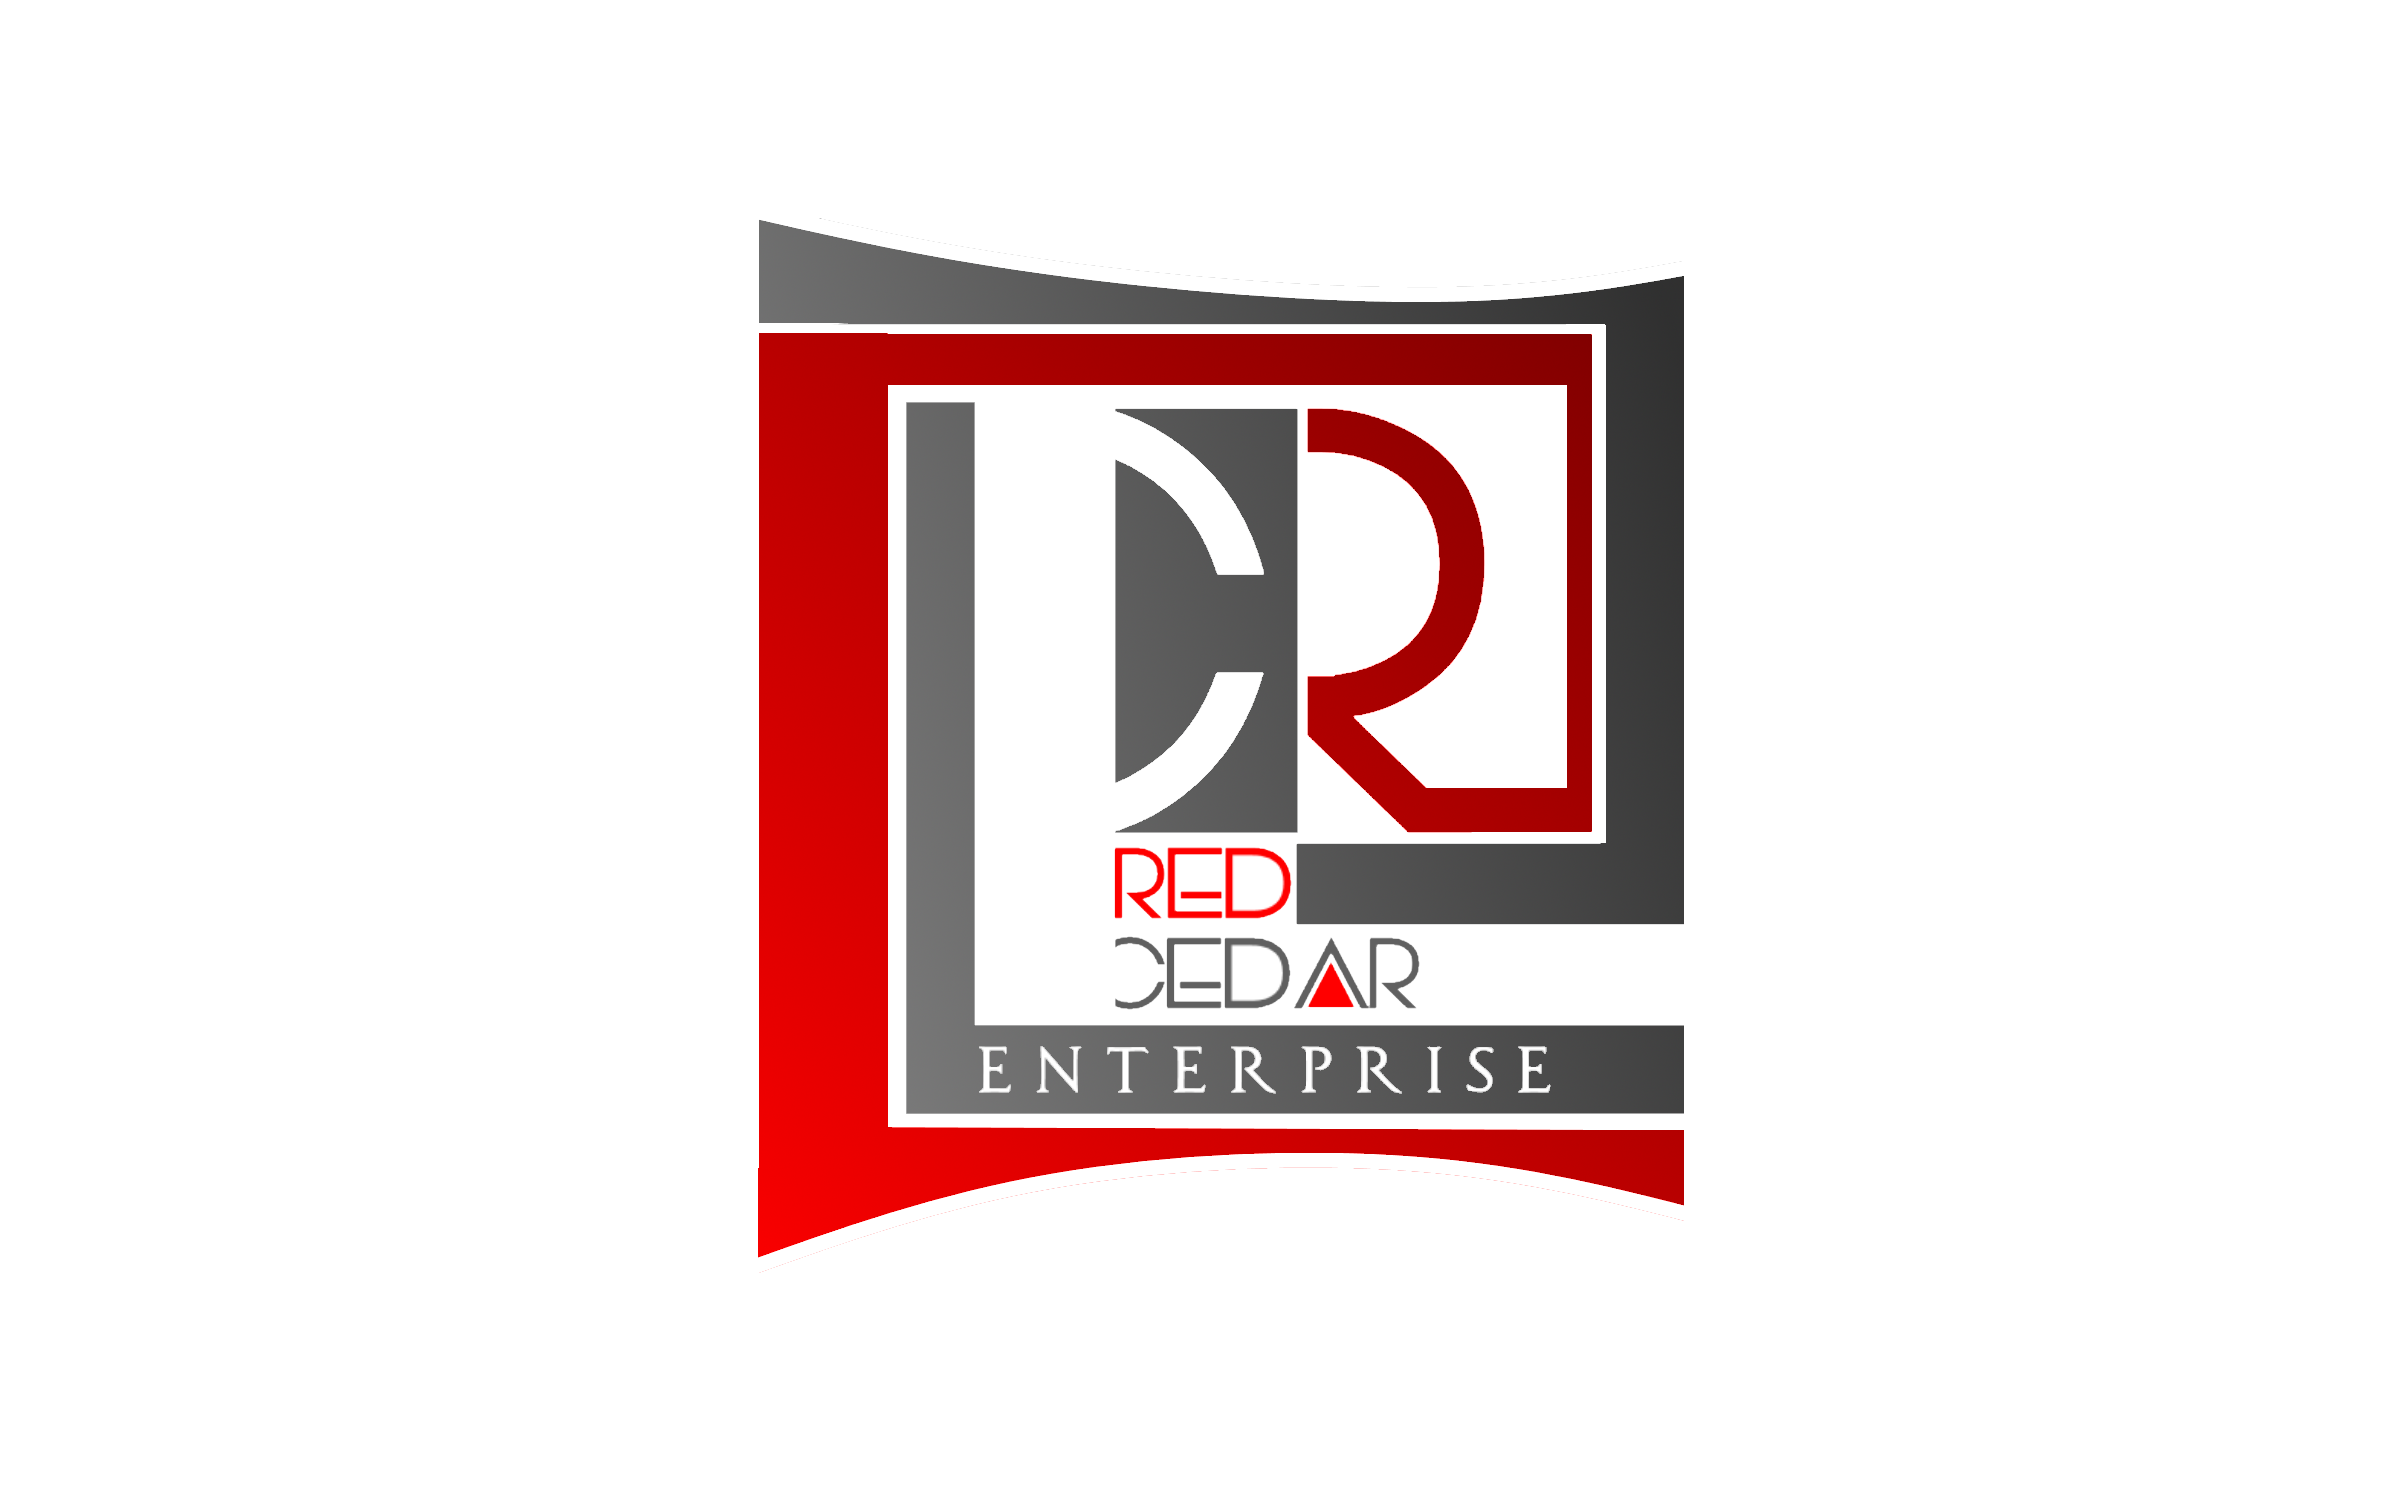 Logo Design by Roberto Bassi - Entry No. 137 in the Logo Design Contest Unique Logo Design Wanted for Red Cedar Enterprise.